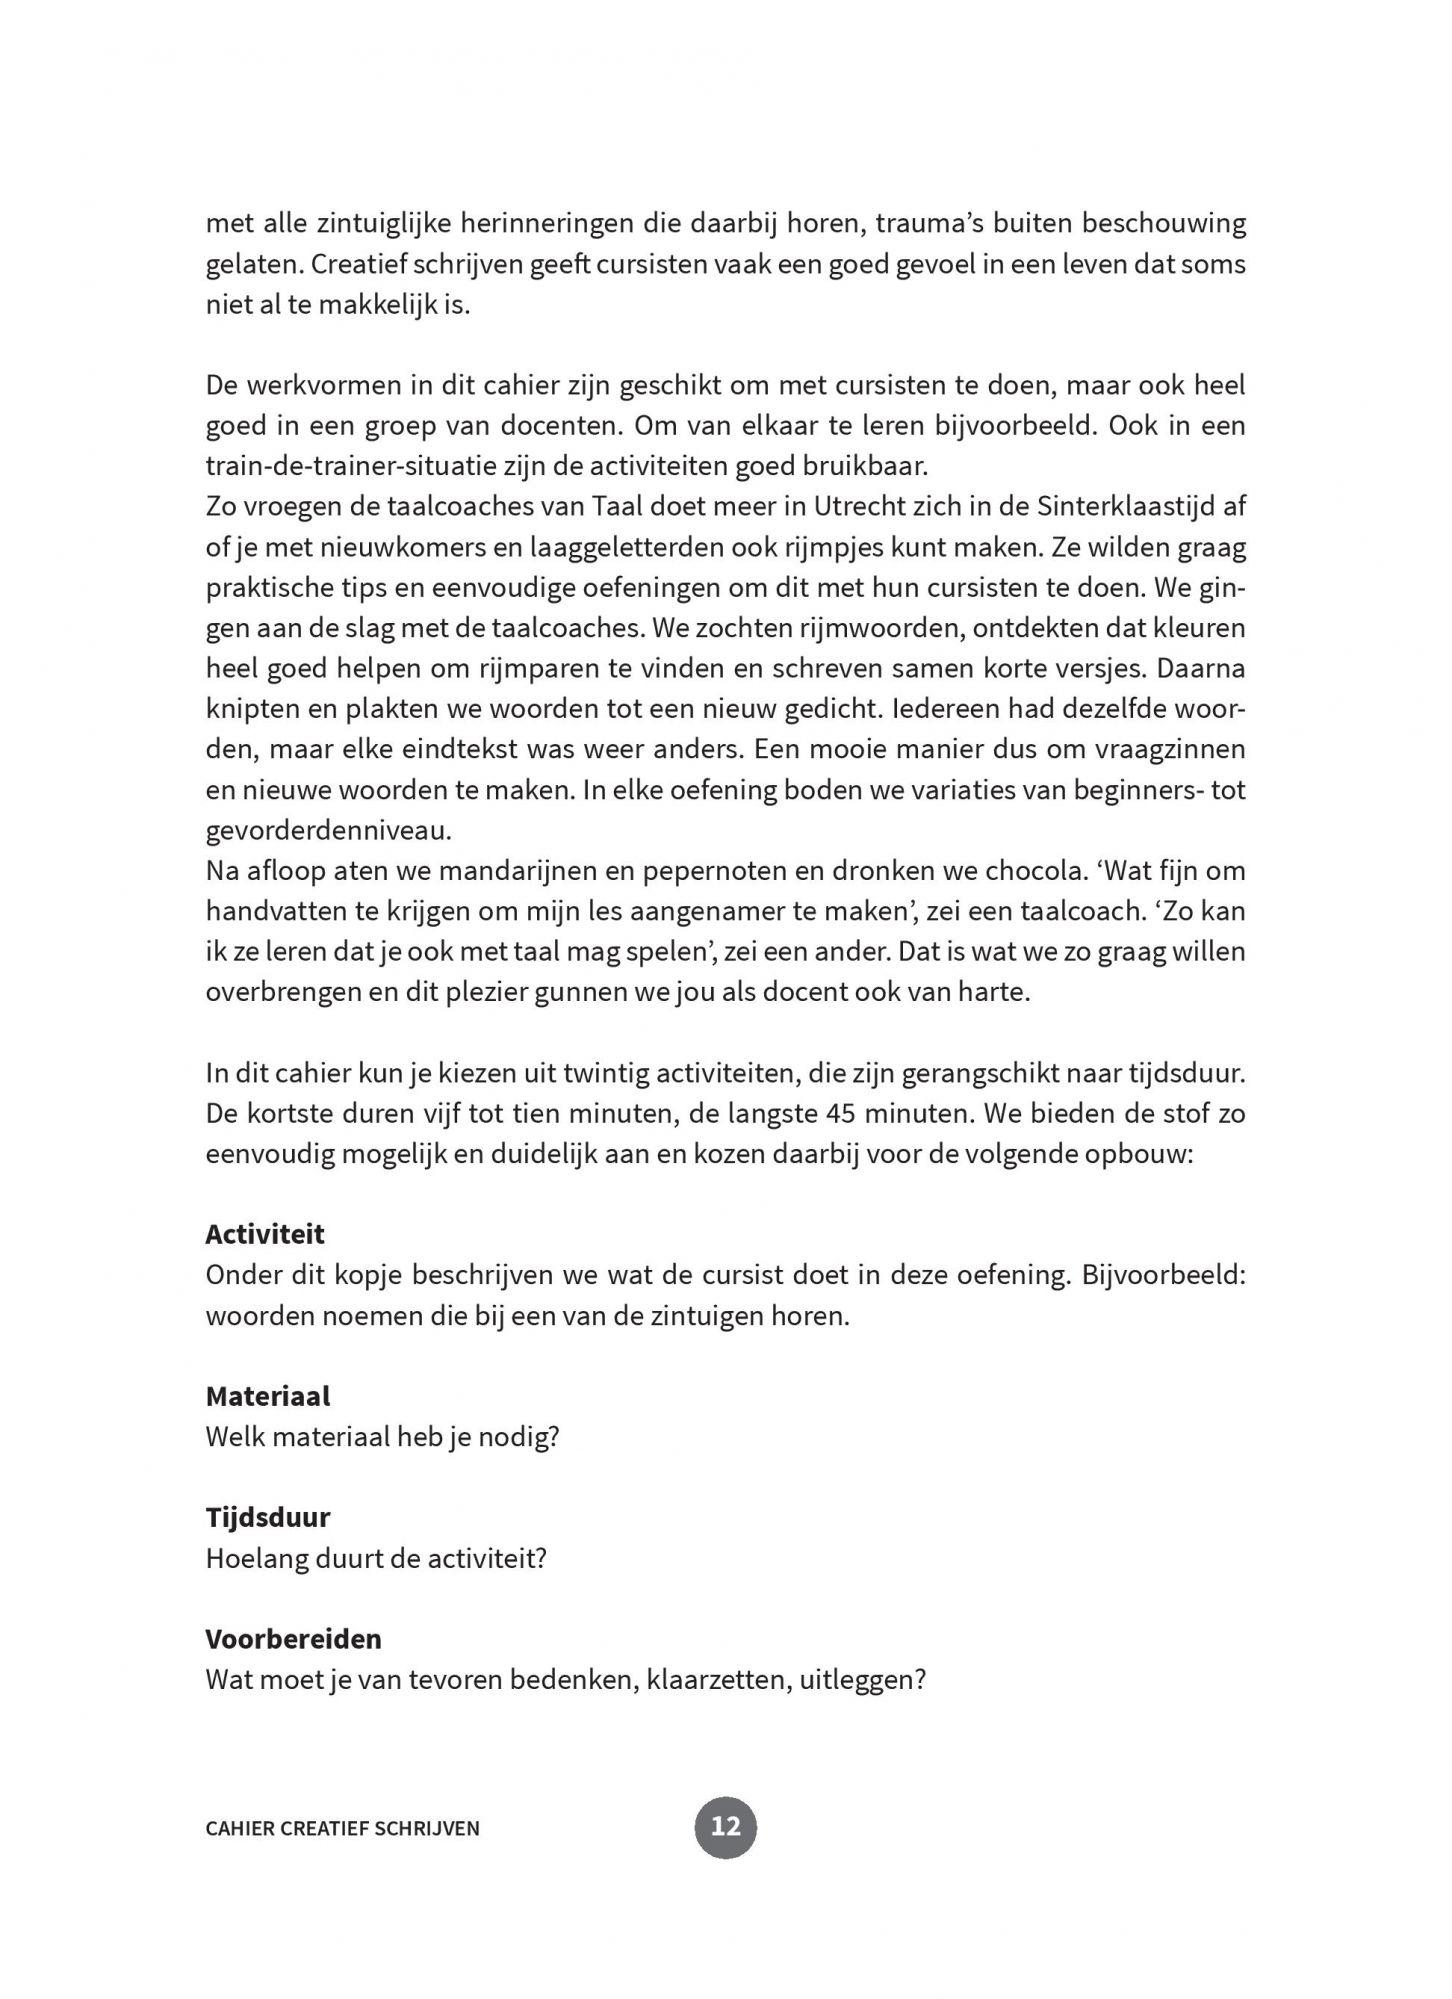 Vaak NT2.nl | NT2-Cahier Creatief schrijven | Annemarie van den Brink @EL29